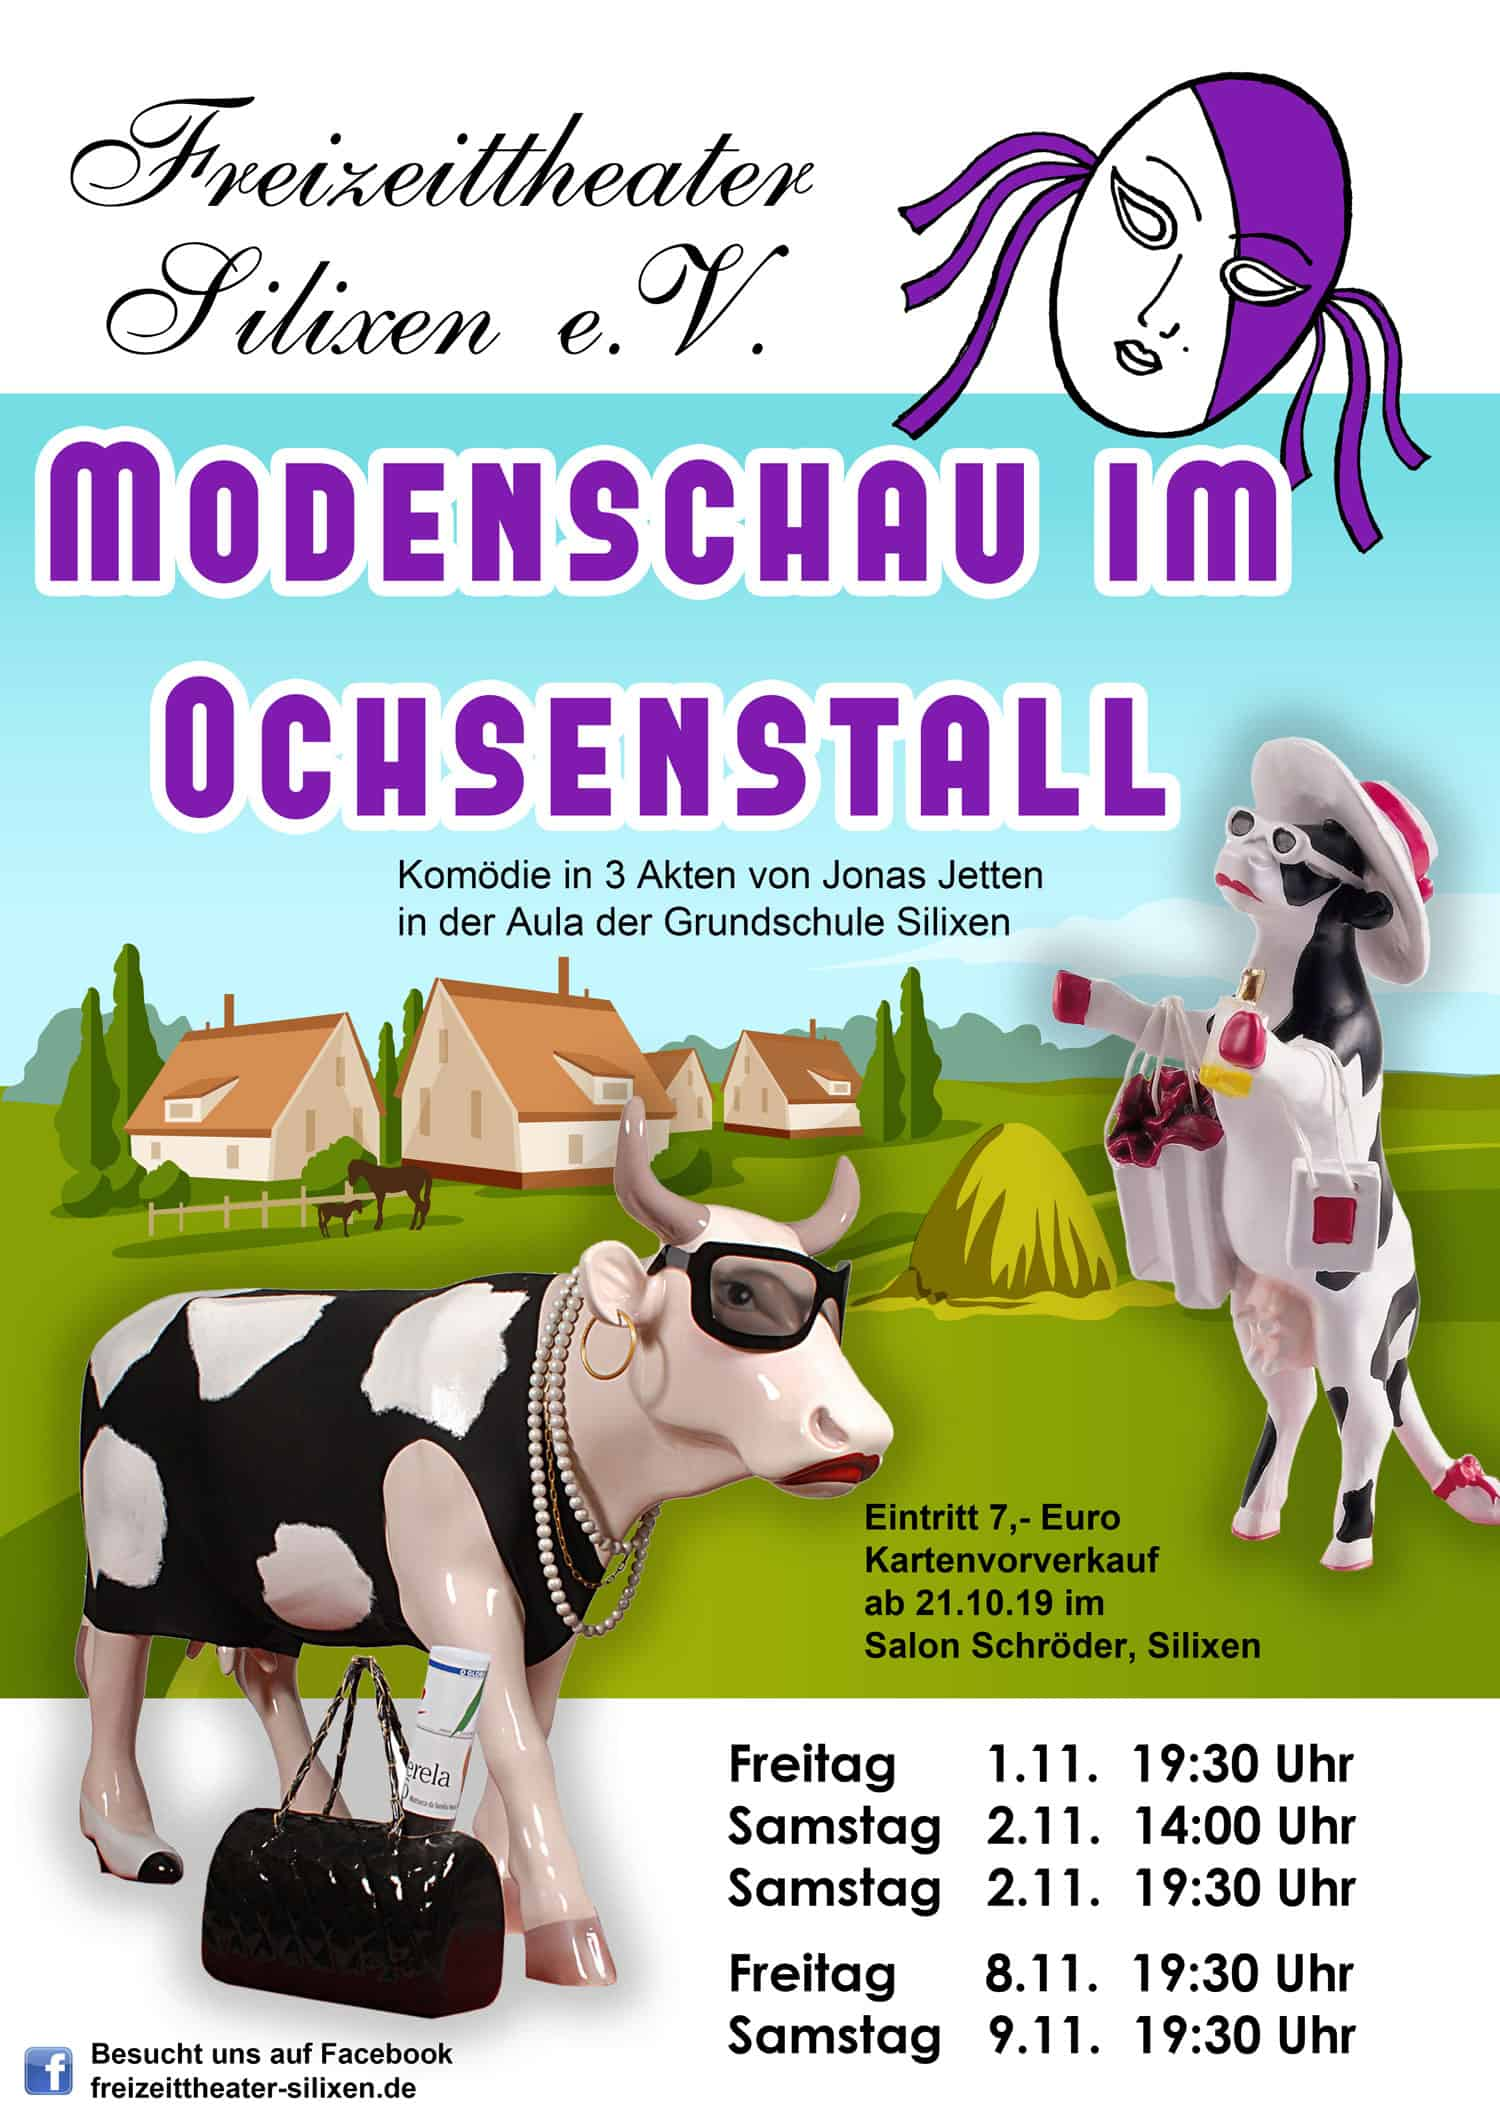 Modenschau im Ochsenstall